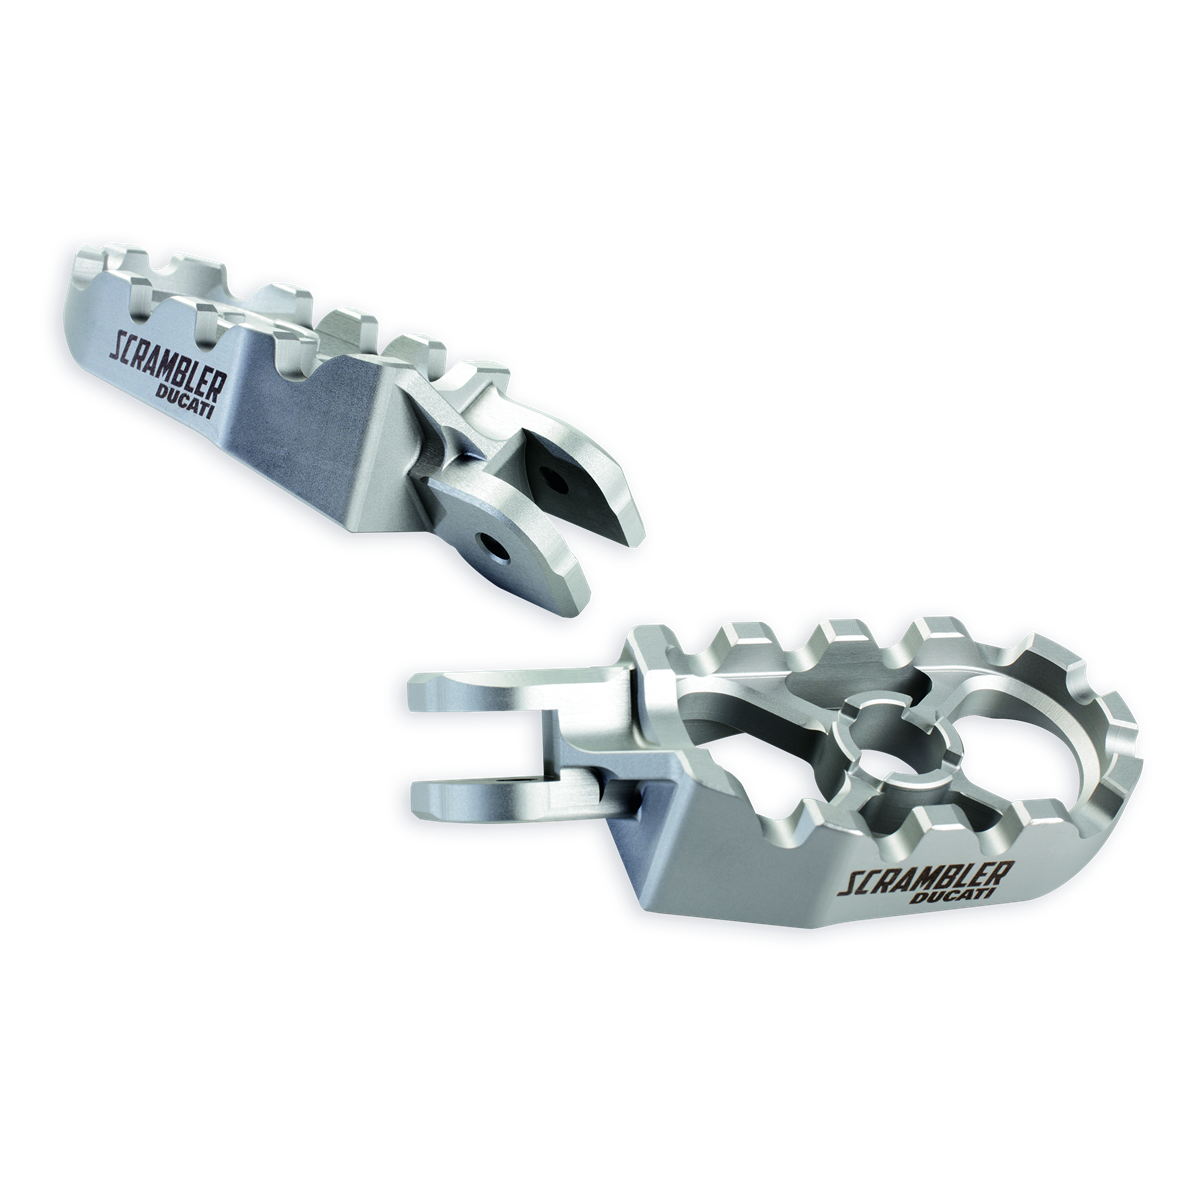 Billet aluminium footpegs.